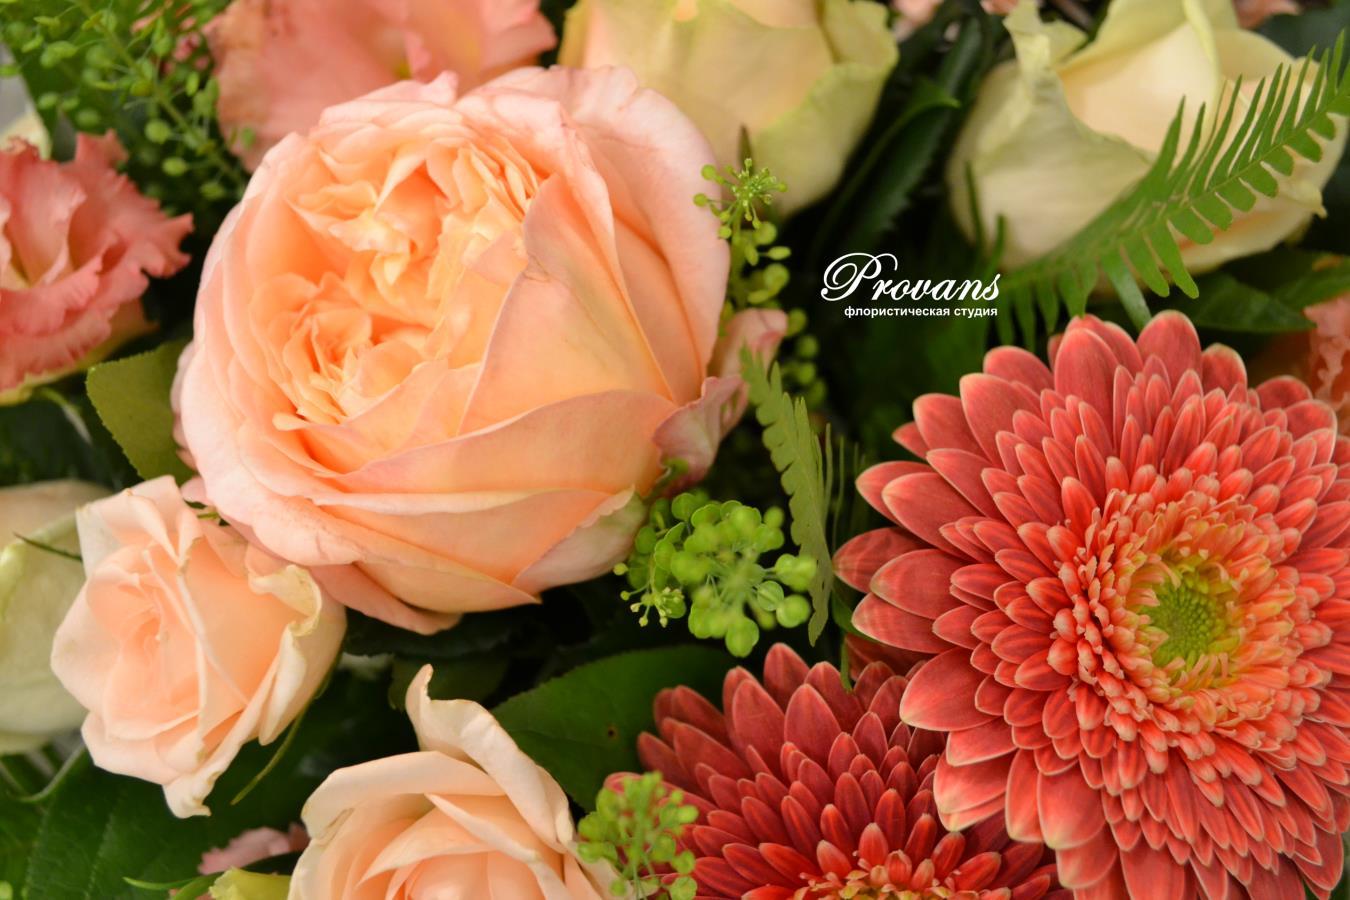 Бизнес букет. Французская роза, гербера, лизиантус